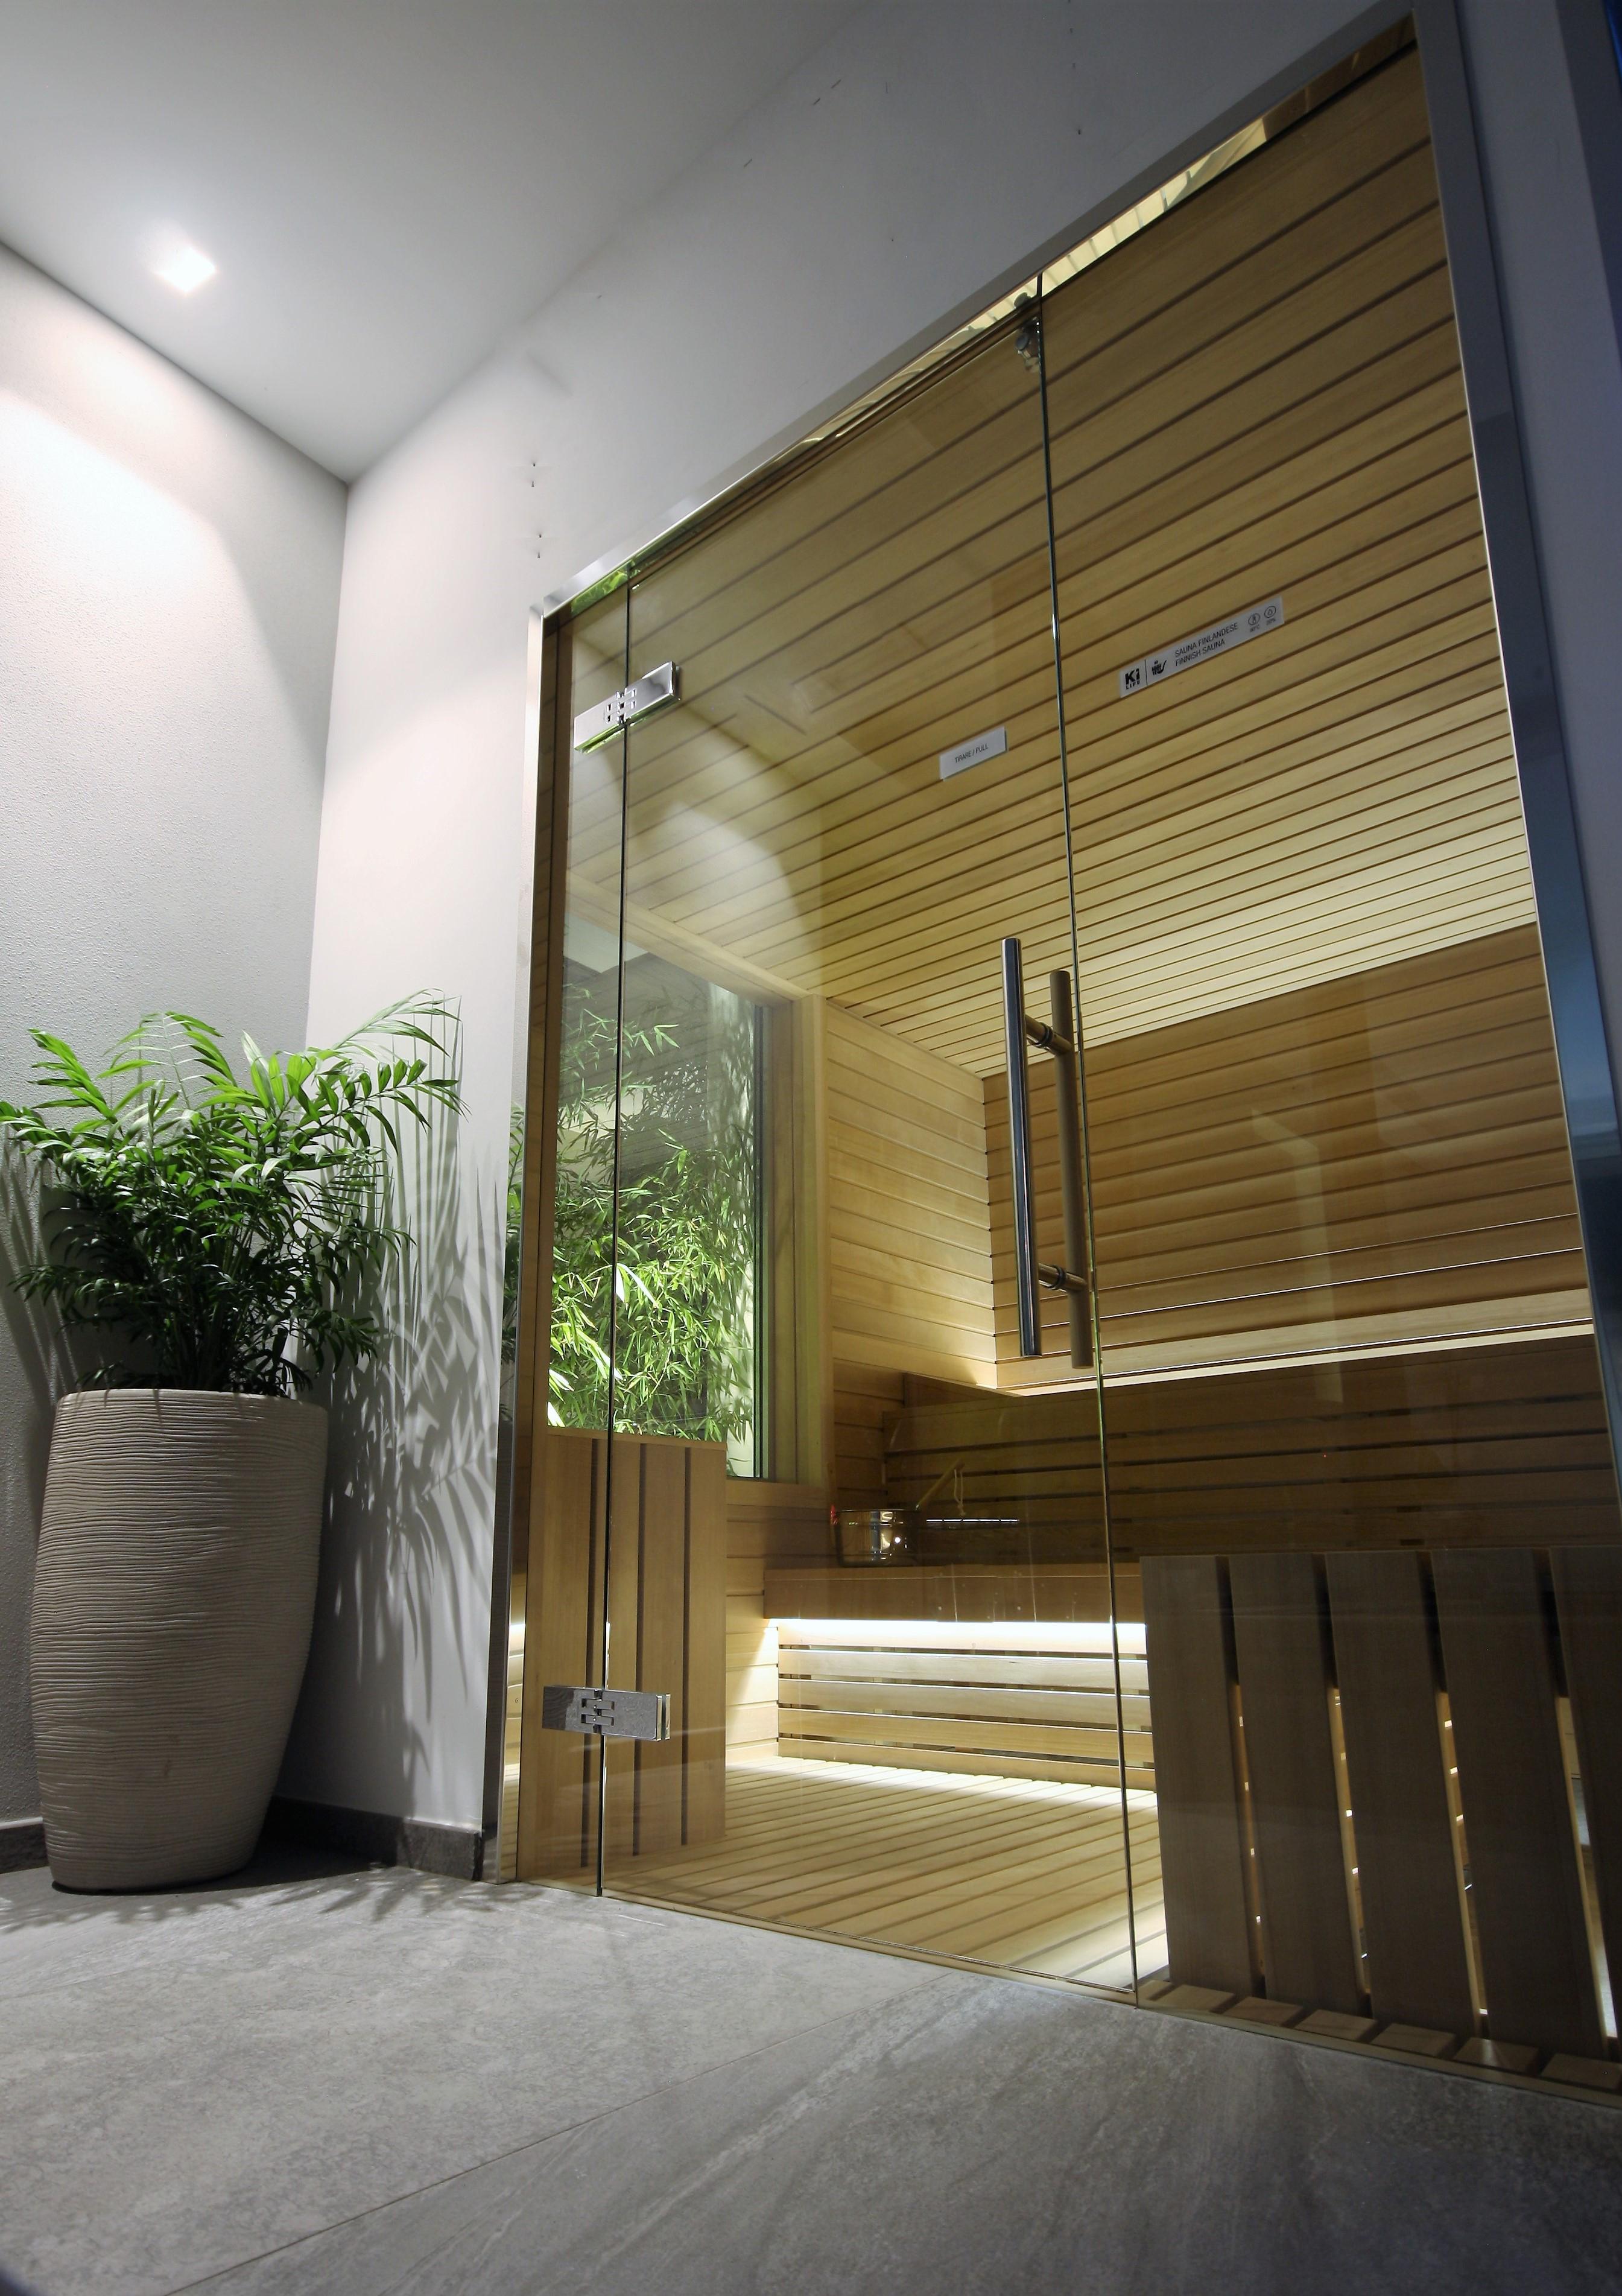 Hotel Morigi Bagno turco sauna finlandese portale vetrato